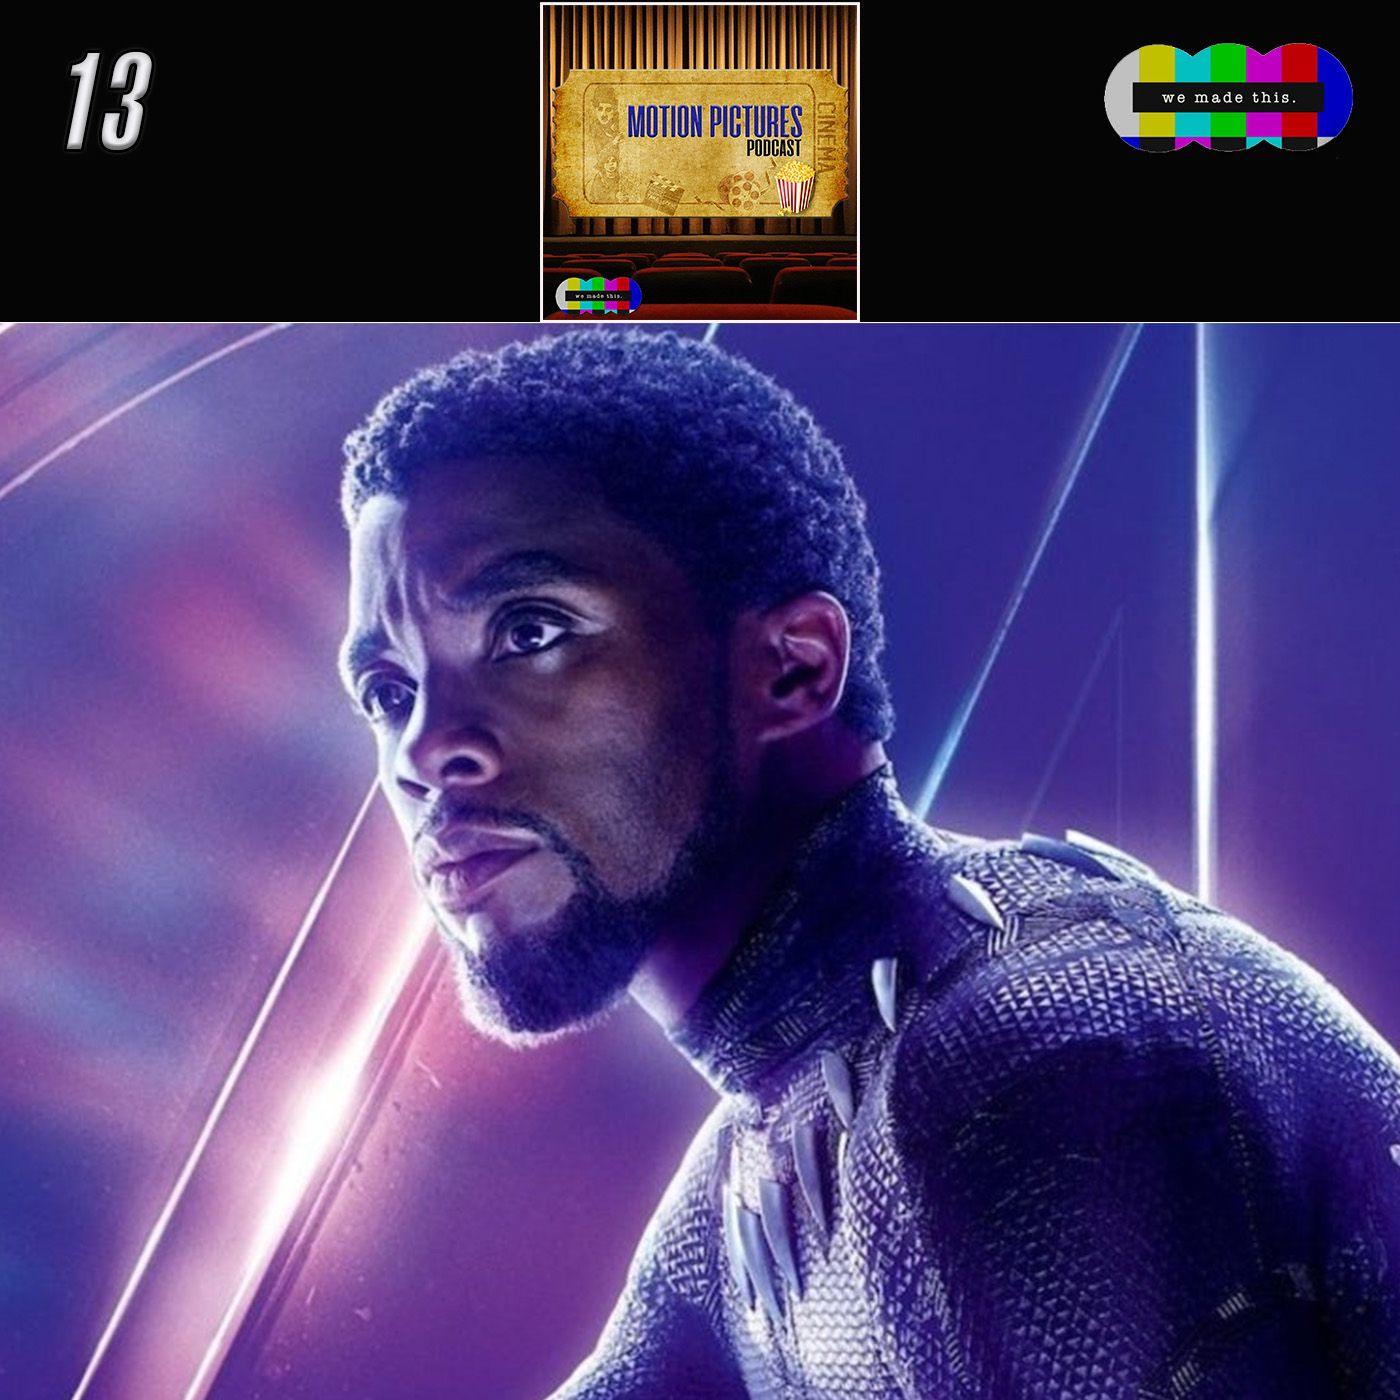 13. A Tribute to Chadwick Boseman